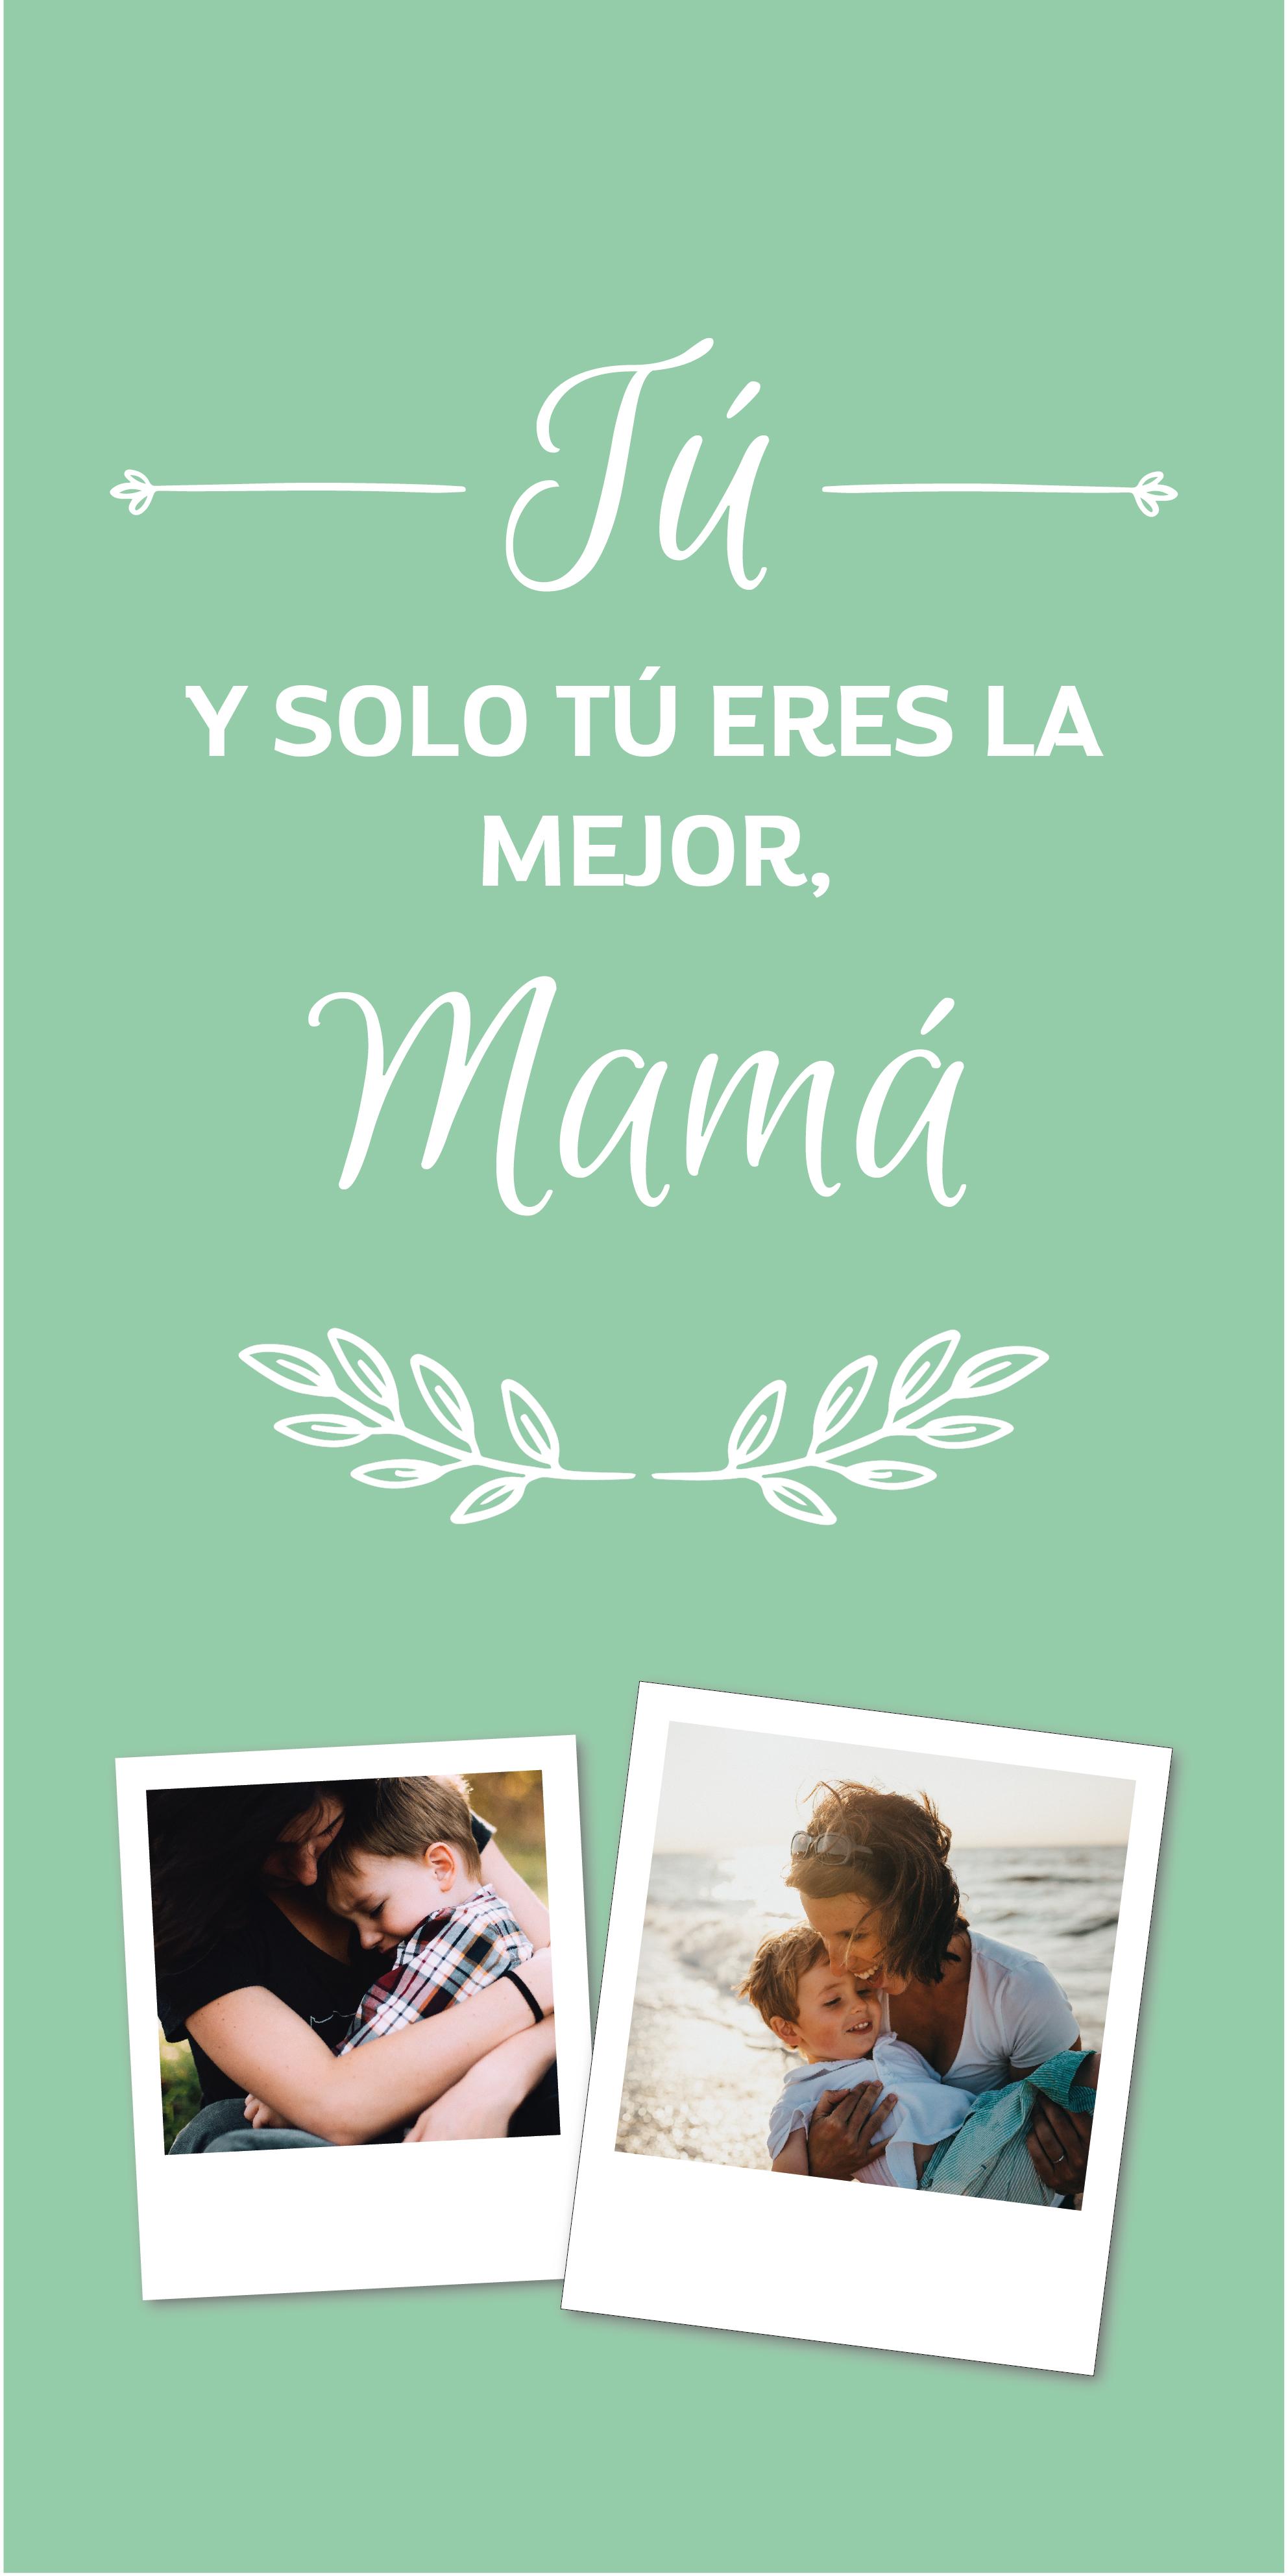 Tú y solo tú eres la mejor, mamá